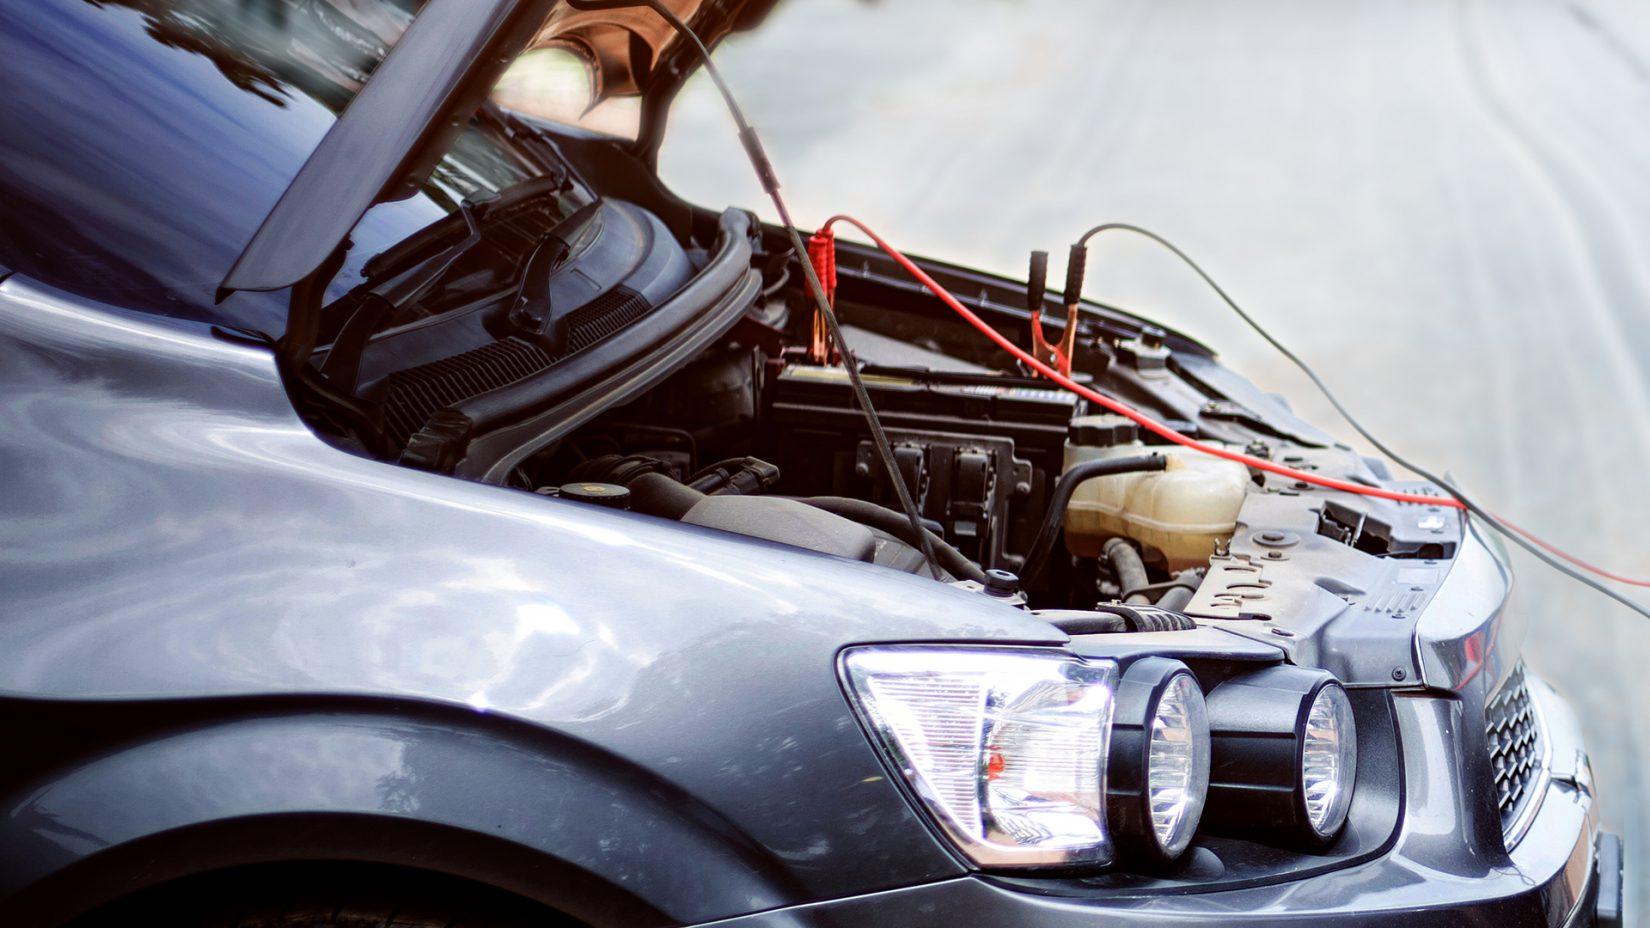 Auto überbrücken Anleitung - Wie gibt man richtig Starthilfe